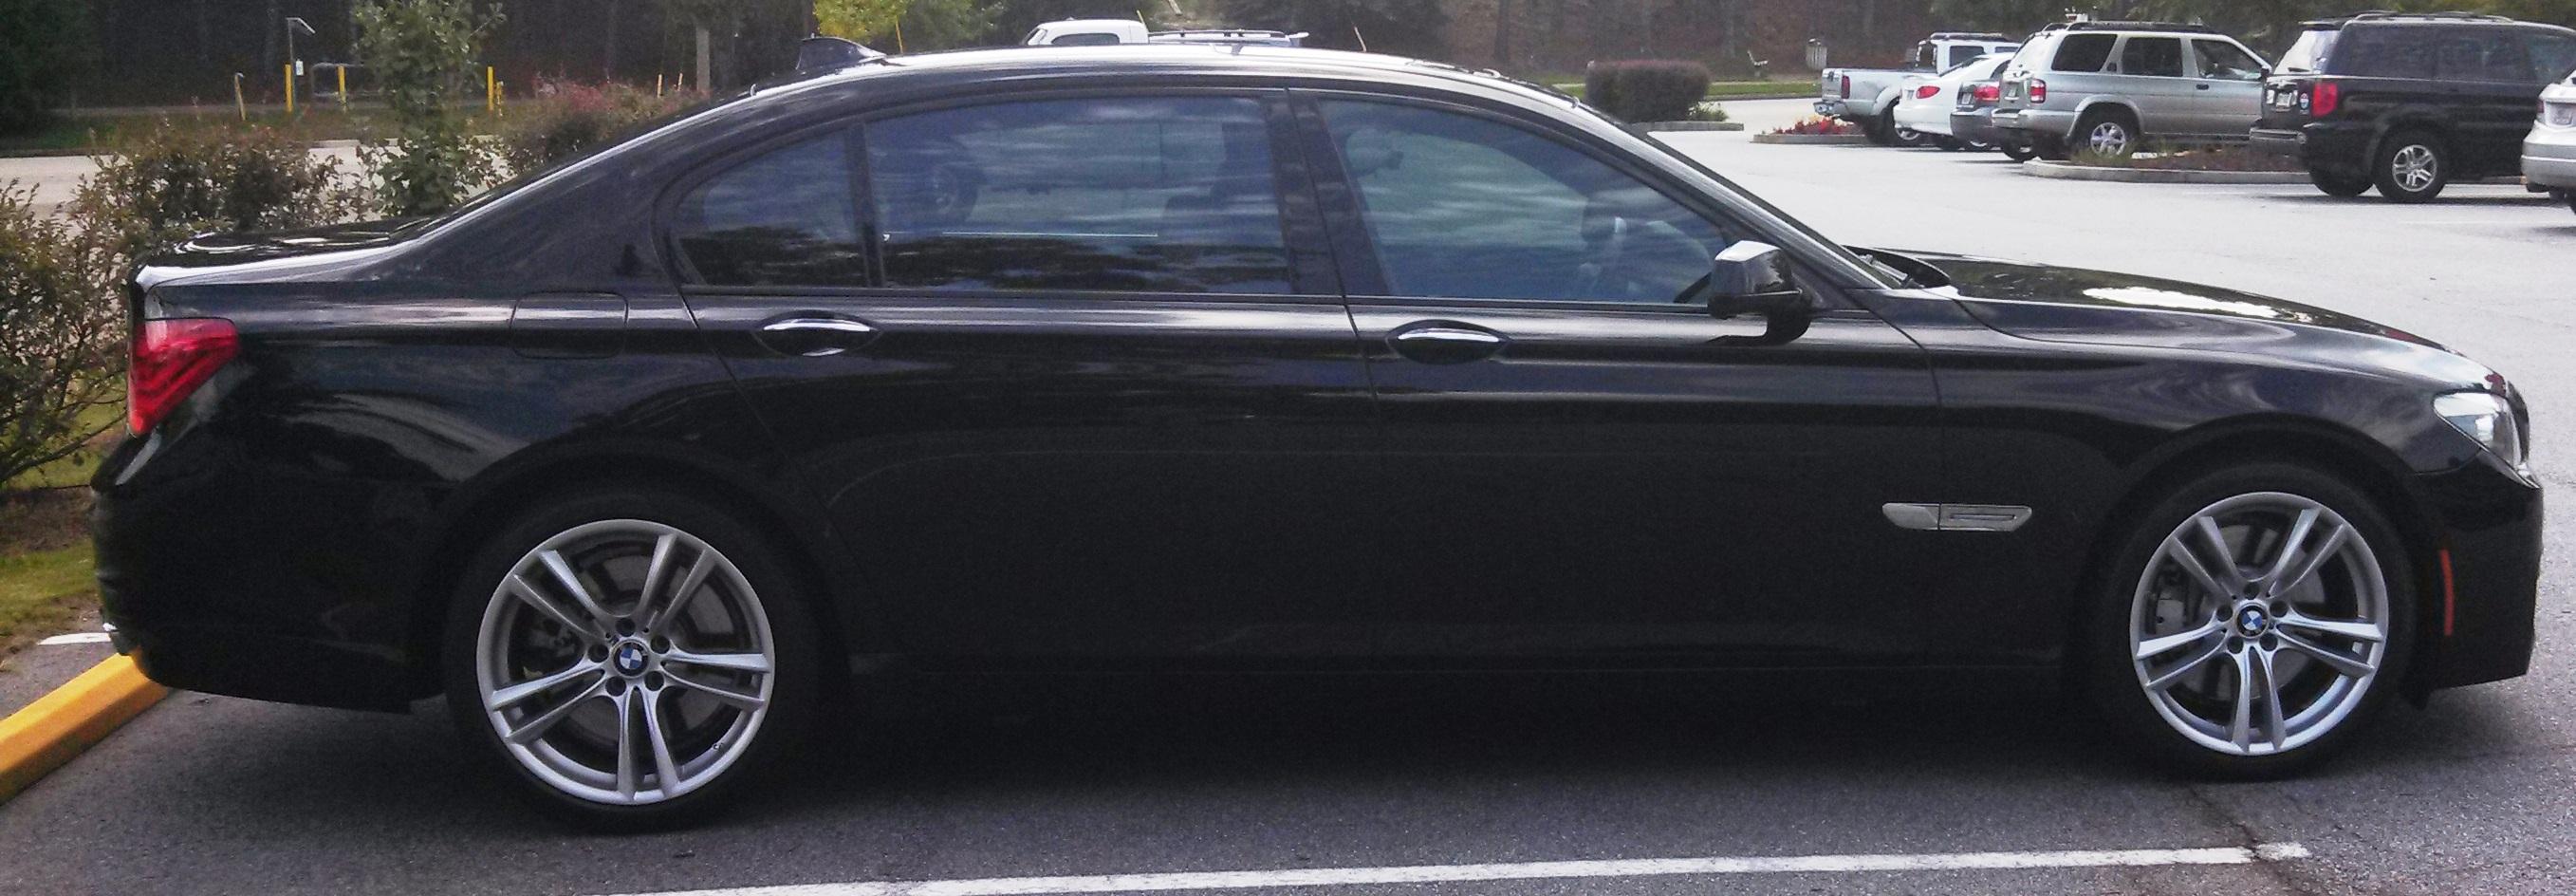 2011 BMW 7 Series 750Li 4D Sedan